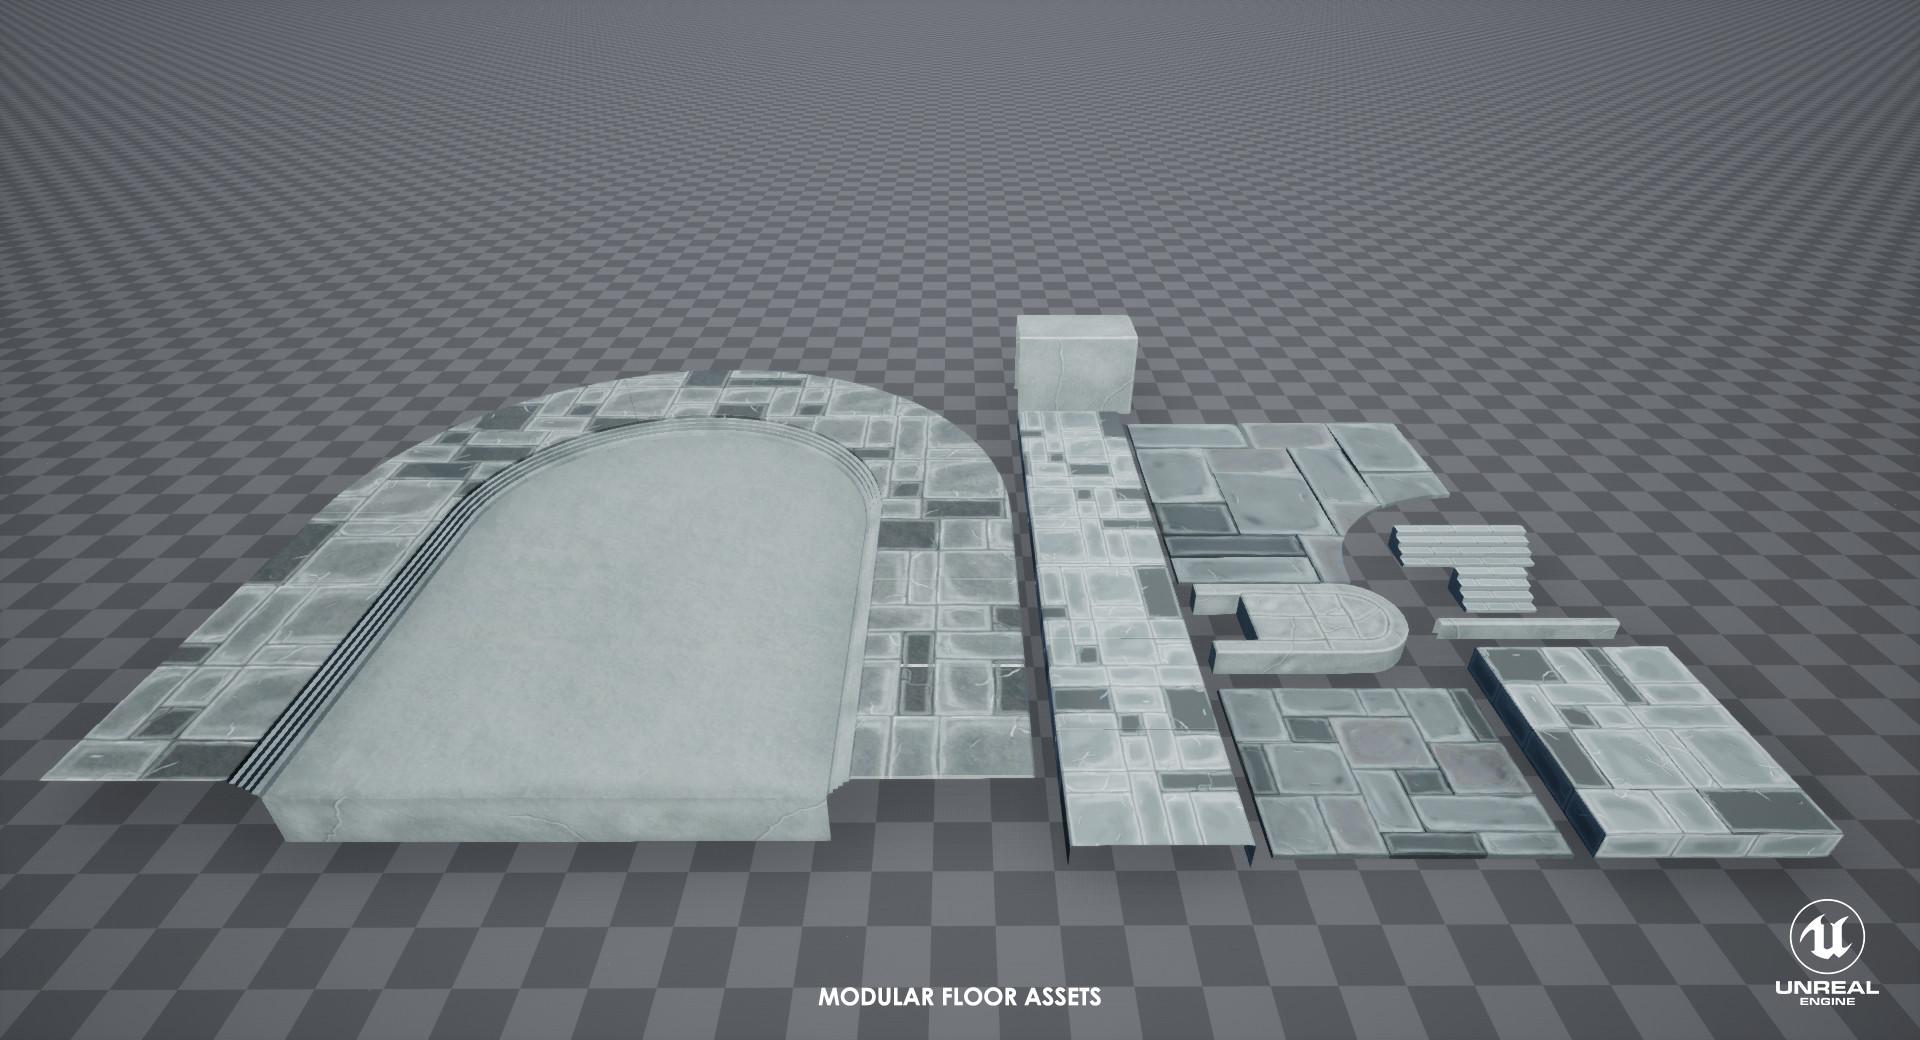 Modular Floor Assets